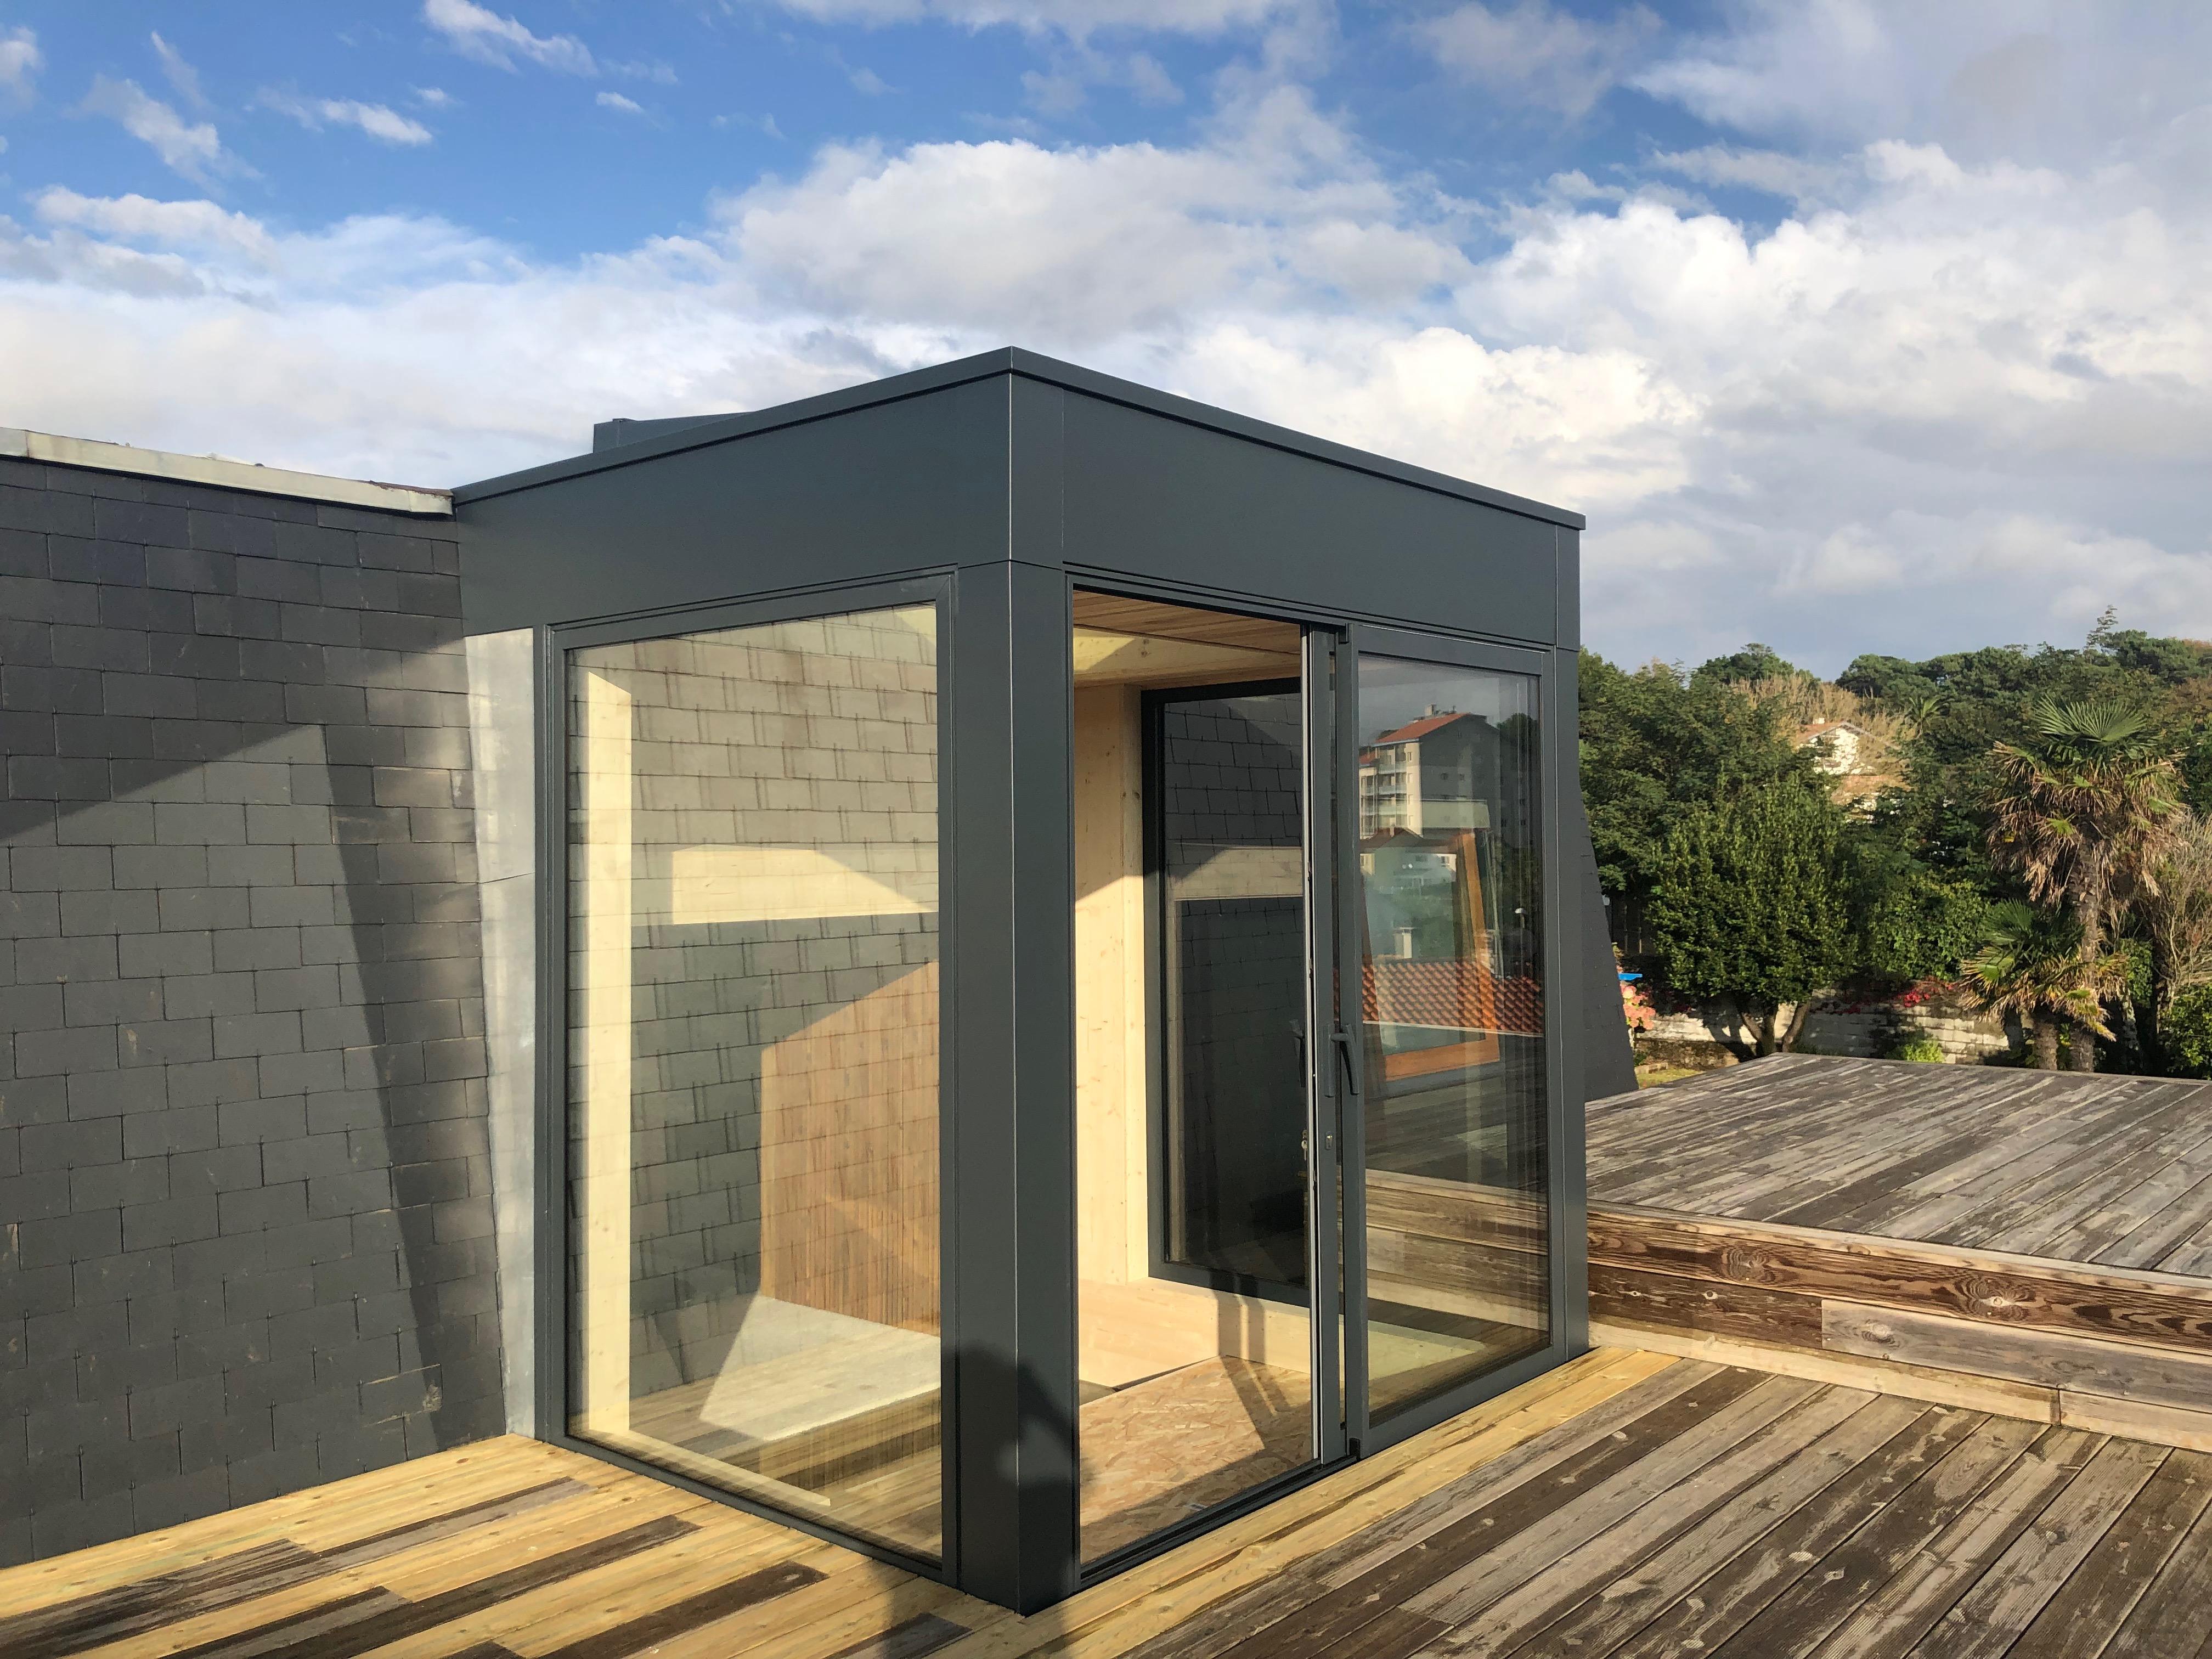 Claustra Bois Lames Orientables triple-pergola sur terrasse et véranda sur toit : deux